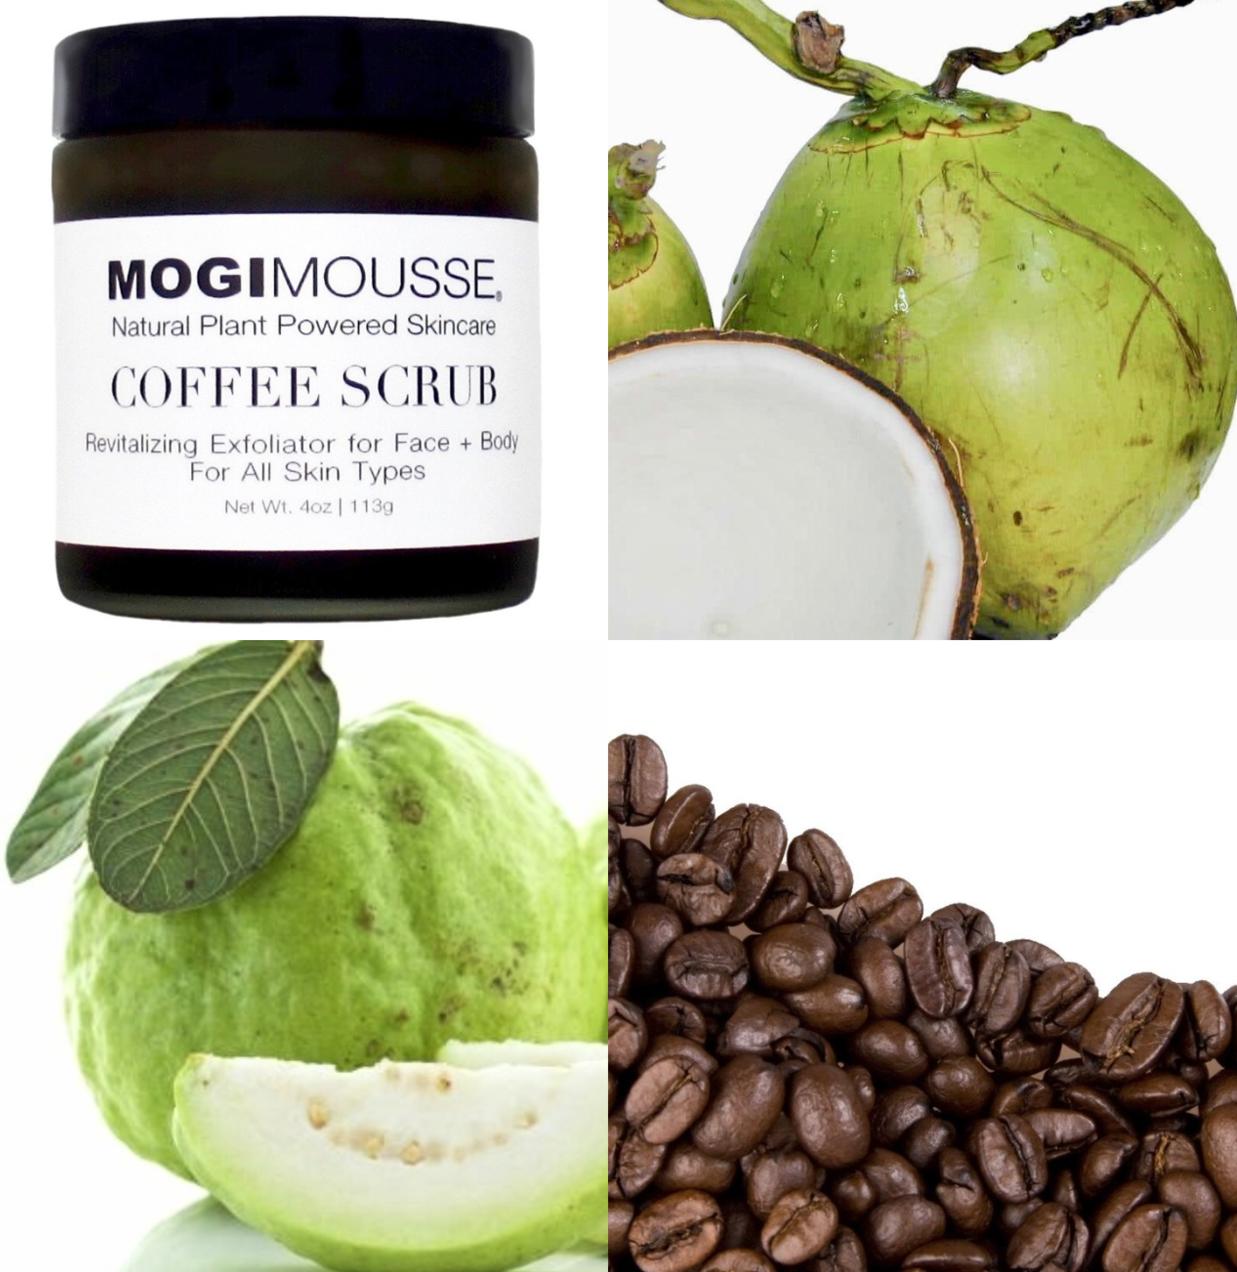 MOGI MOUSSE Coffee Scrub